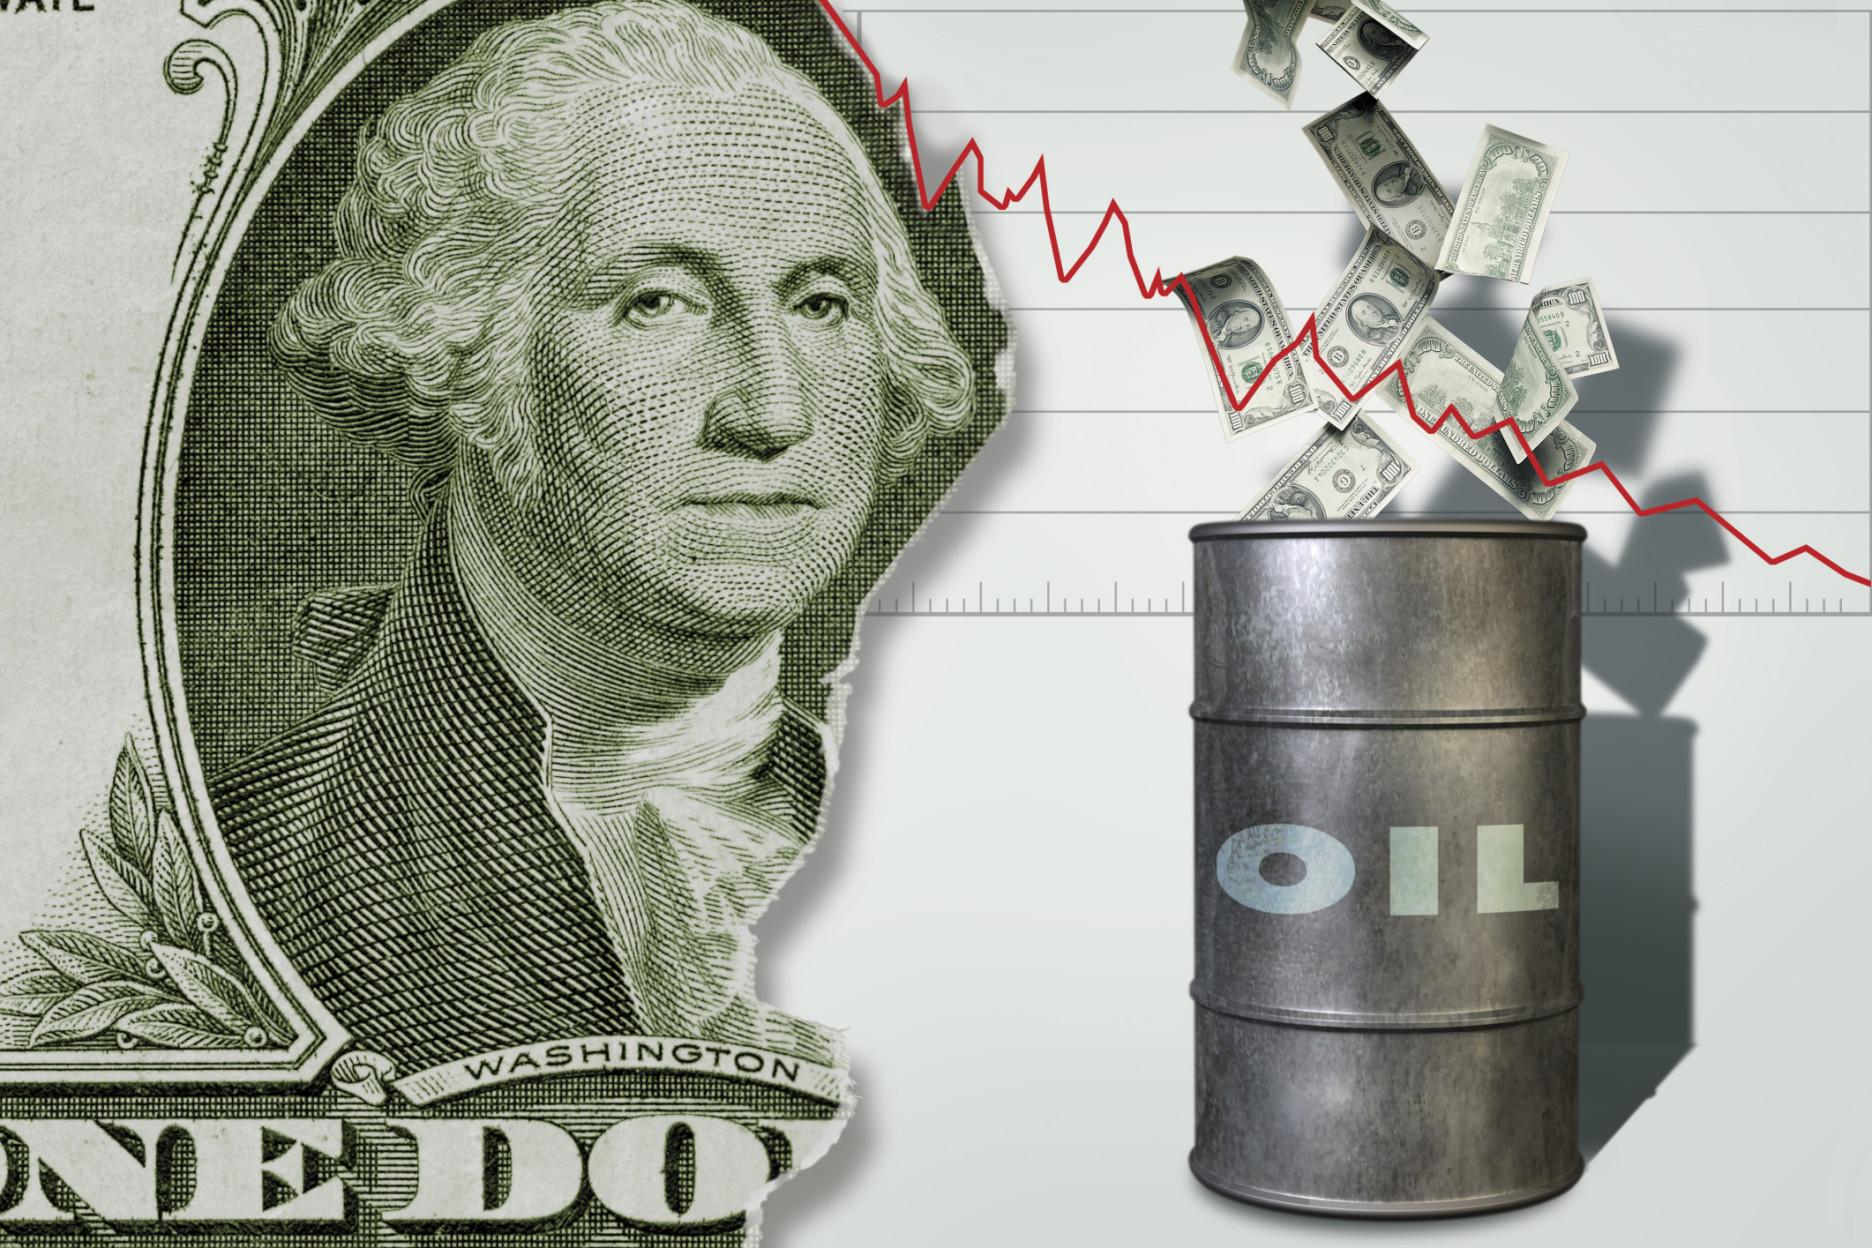 مخزونات النفط الأمريكية تتراجع بواقع 1.4 مليون وتشكل بعض الدعم لتداولات النفط